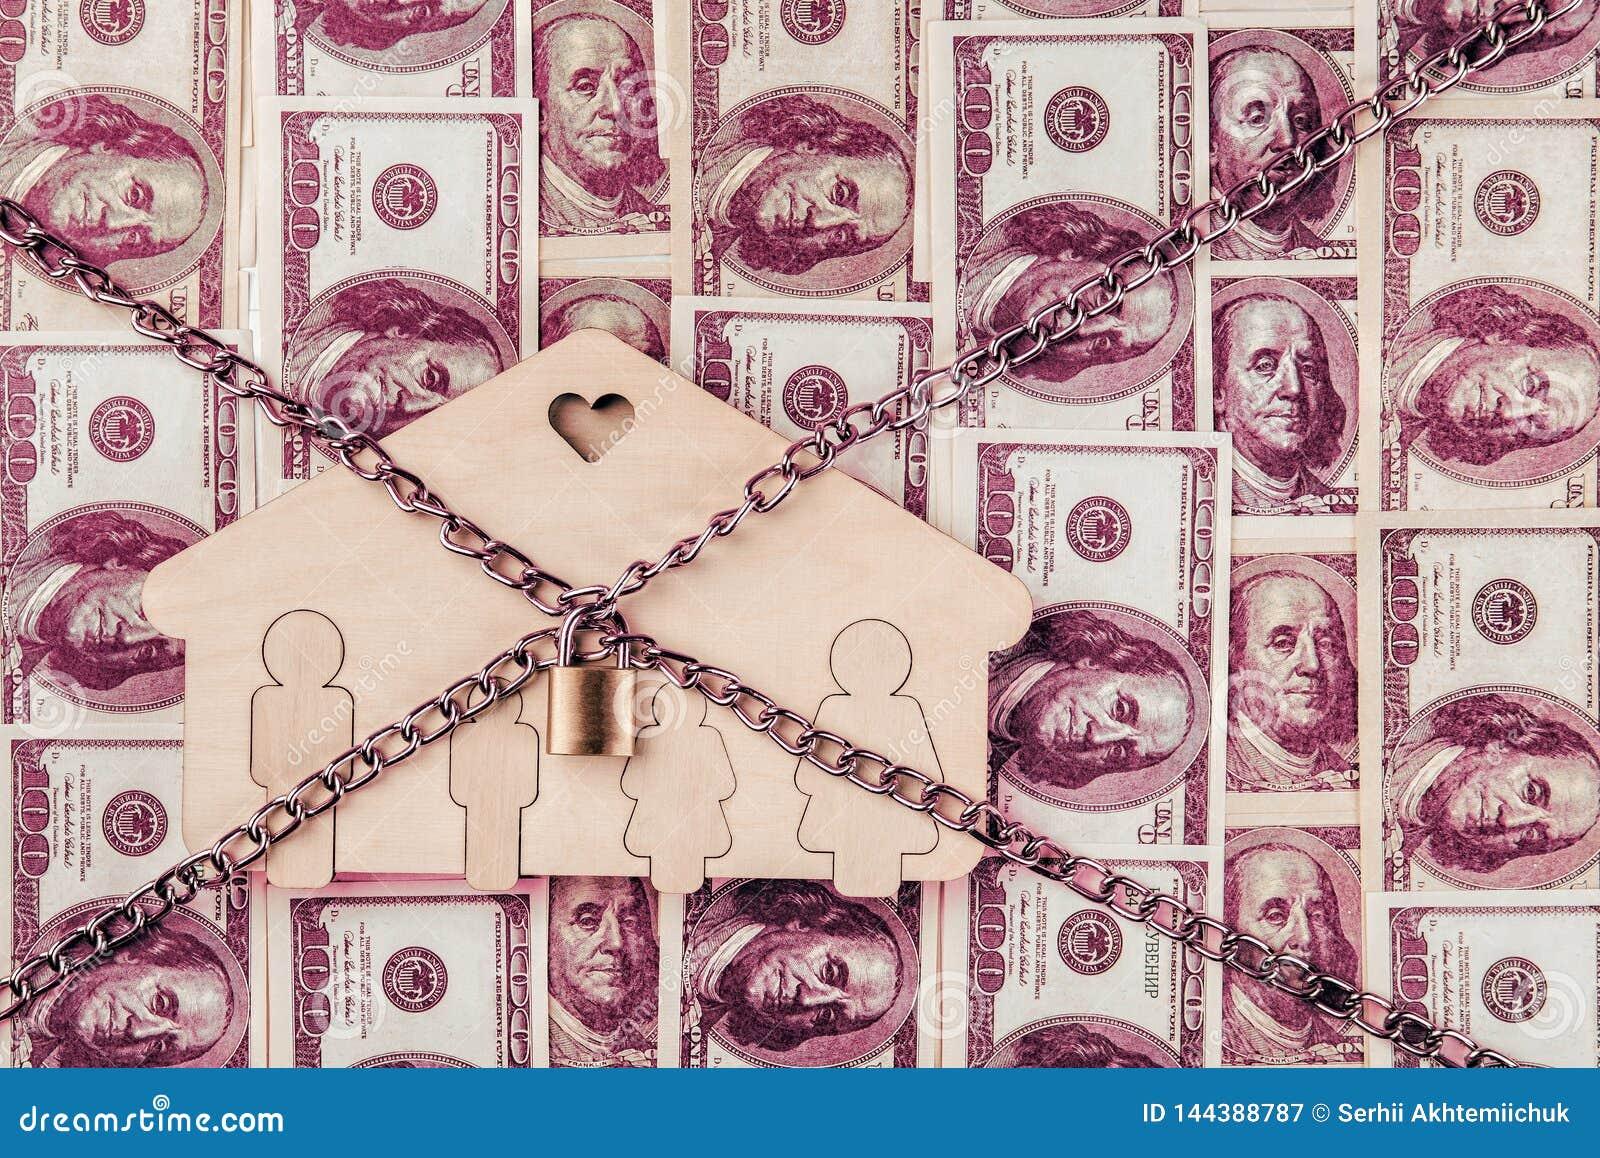 Konzept f?r Versuch, Konkurs, Steuer, Hypothek, die bietende Auktion, die gerichtliche Verfallserkl?rung oder erben Real Estate